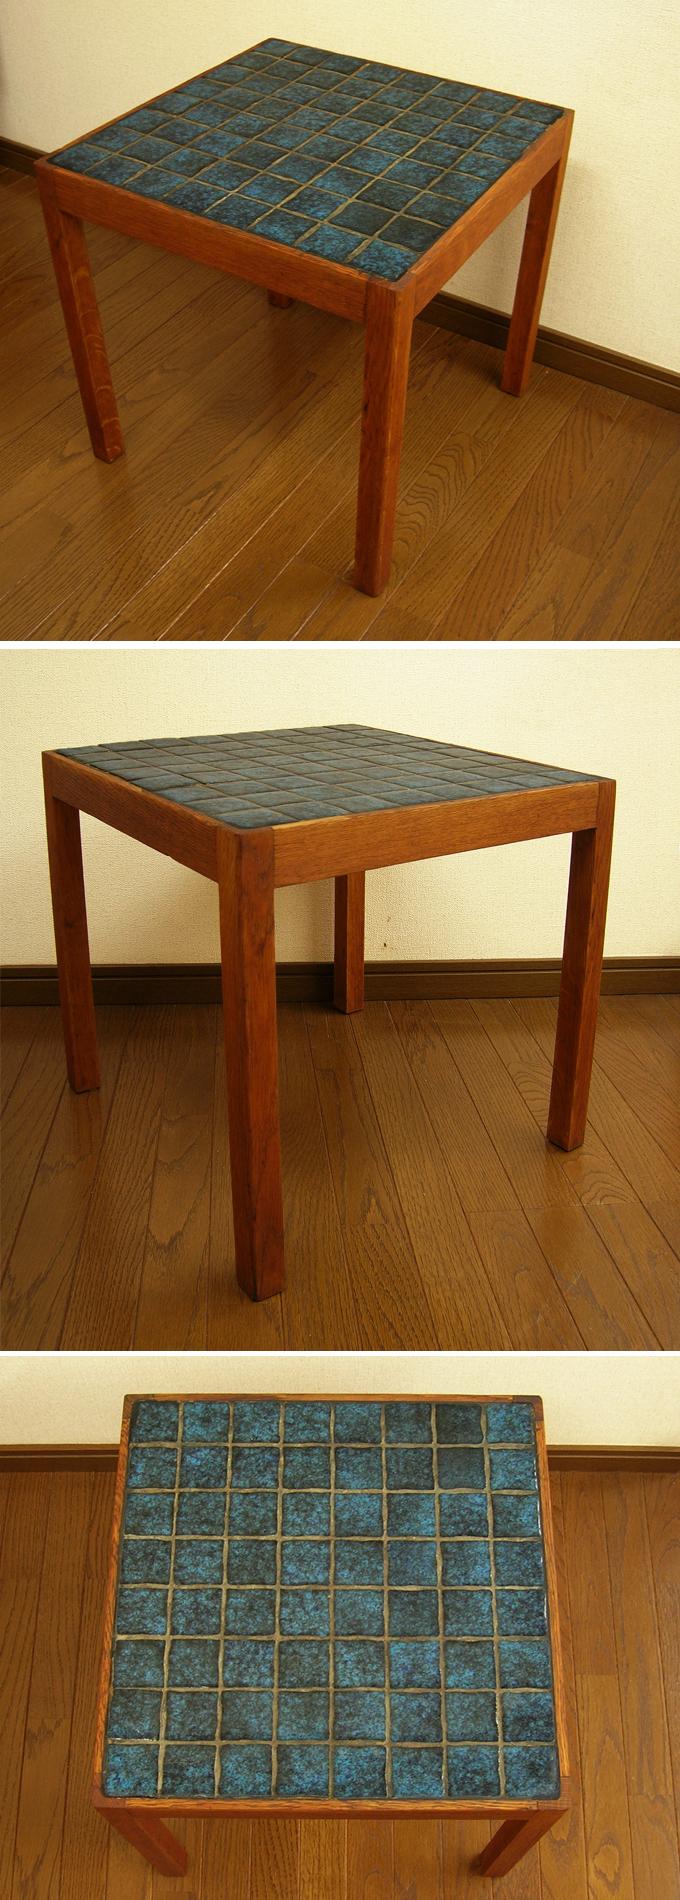 北欧のタイルテーブル全体 amber designビンテージ家具通販